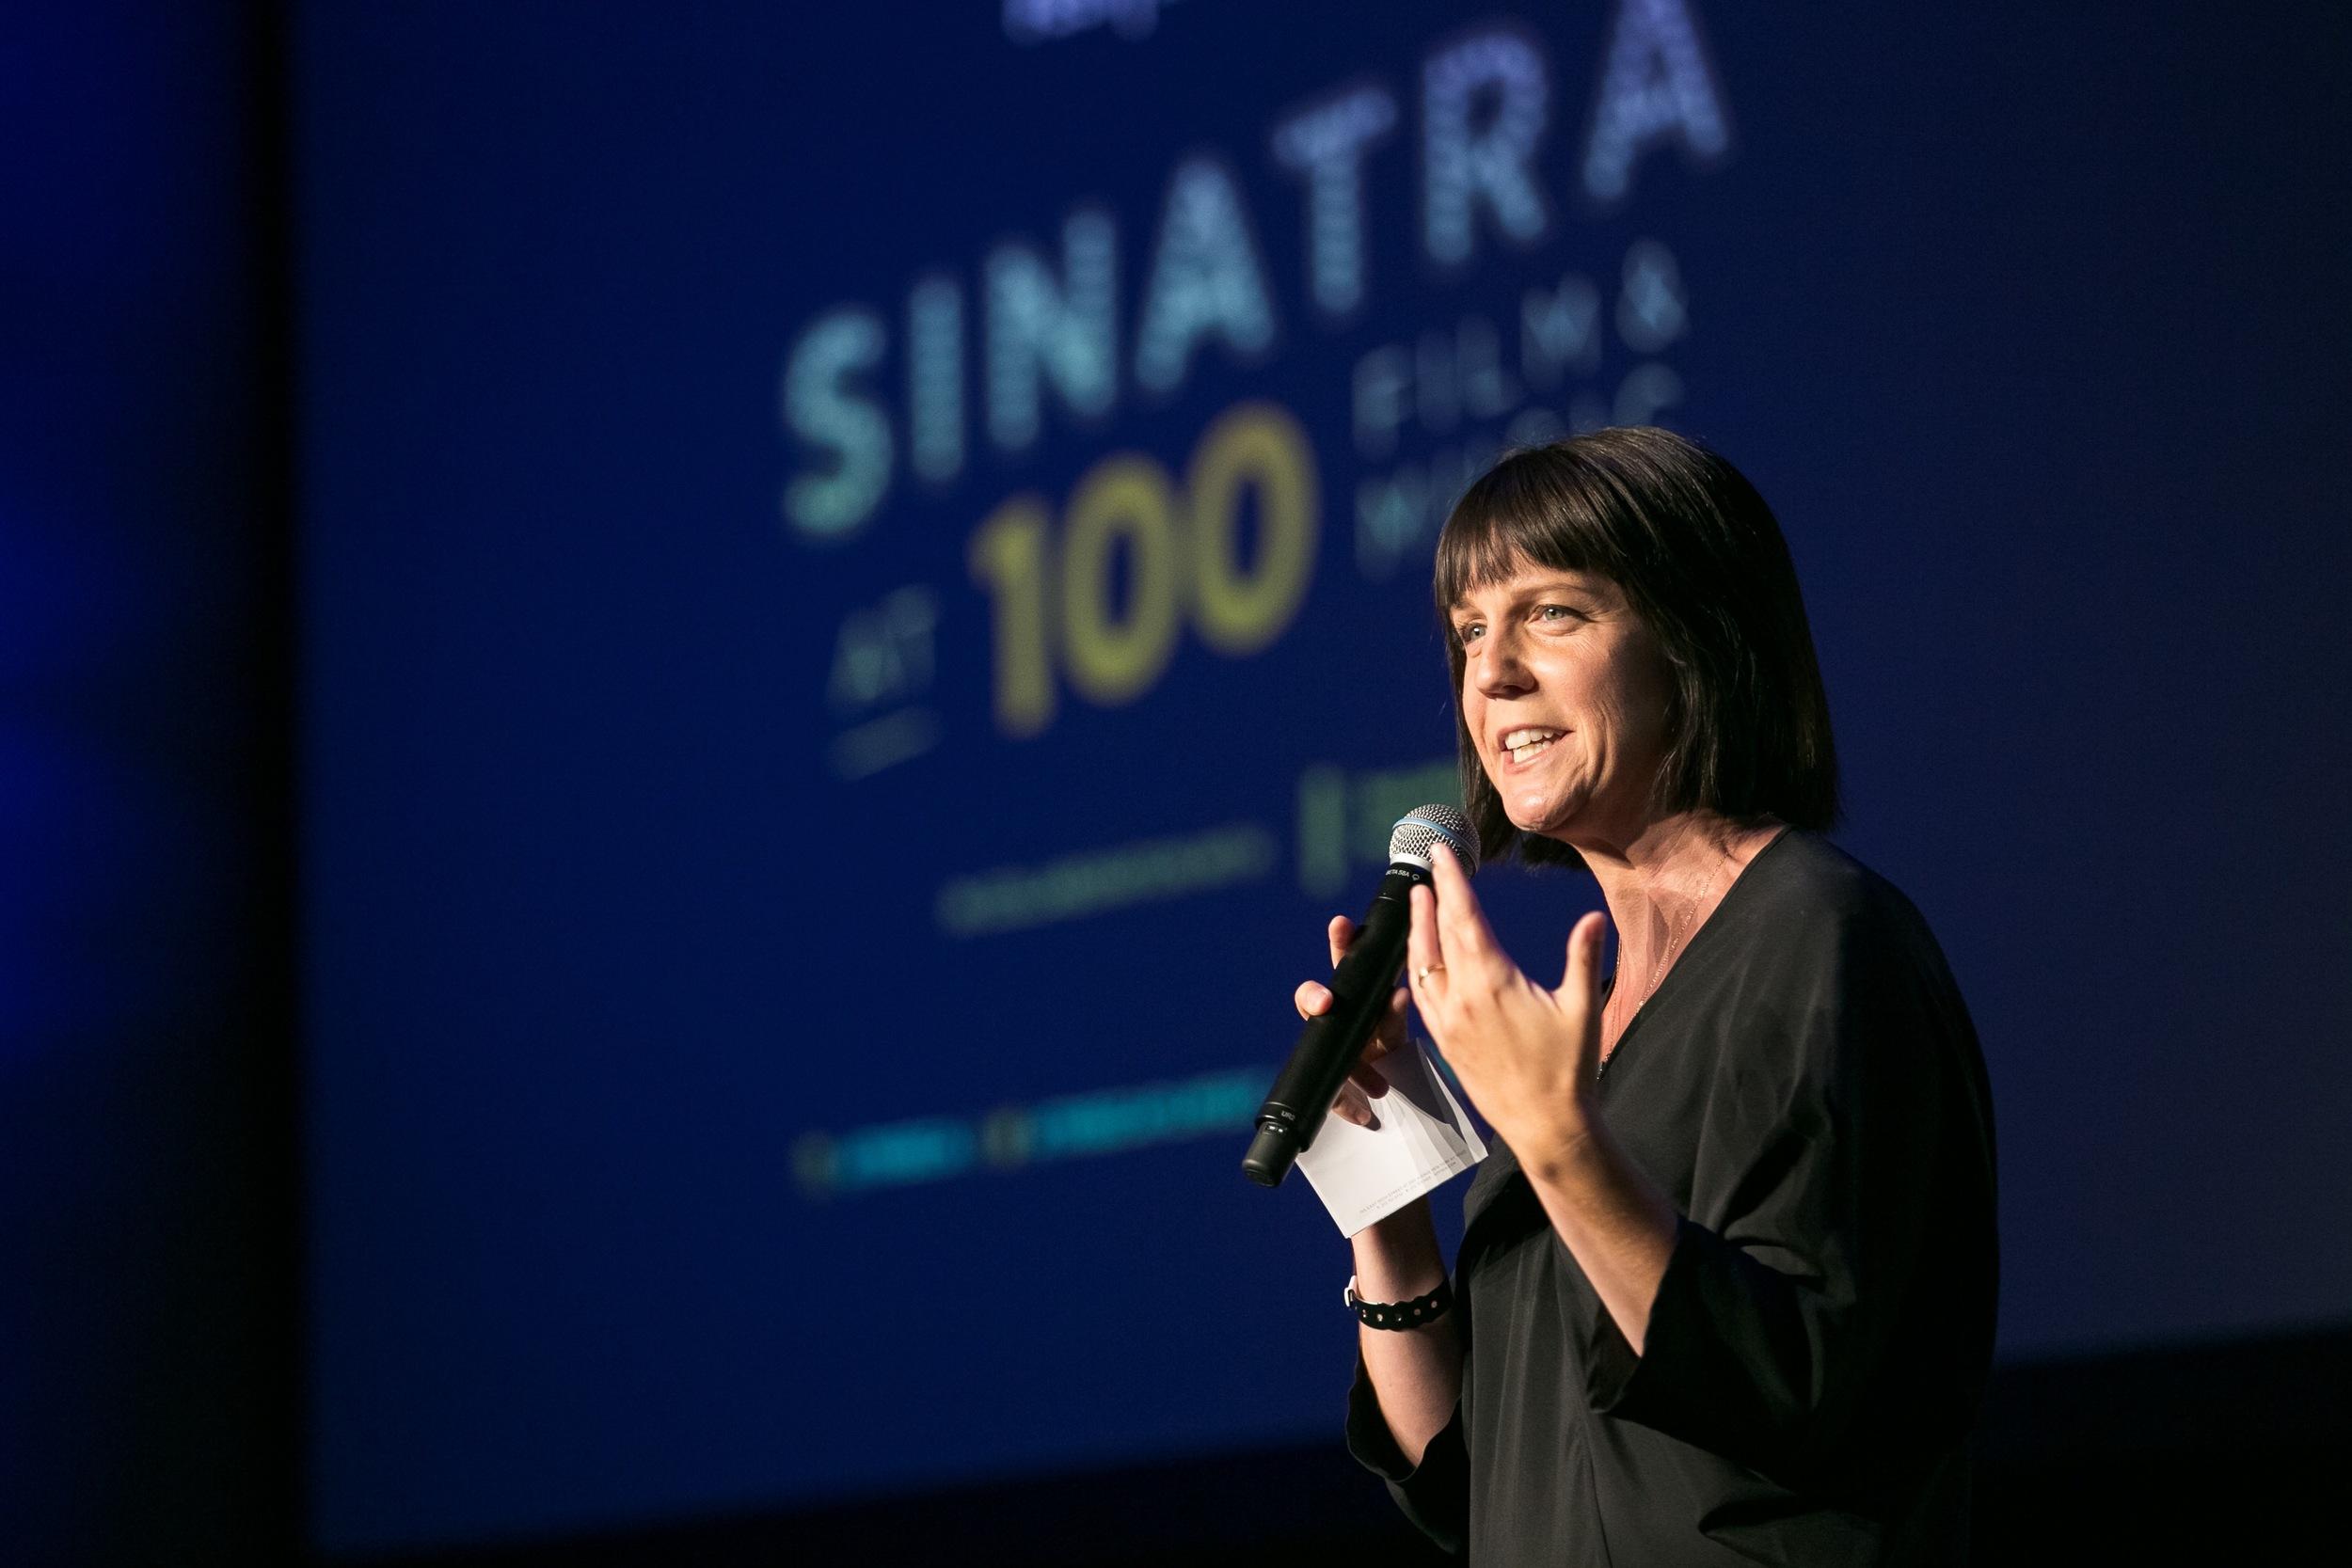 20150421-TFF Sinatra at 100-163.jpg